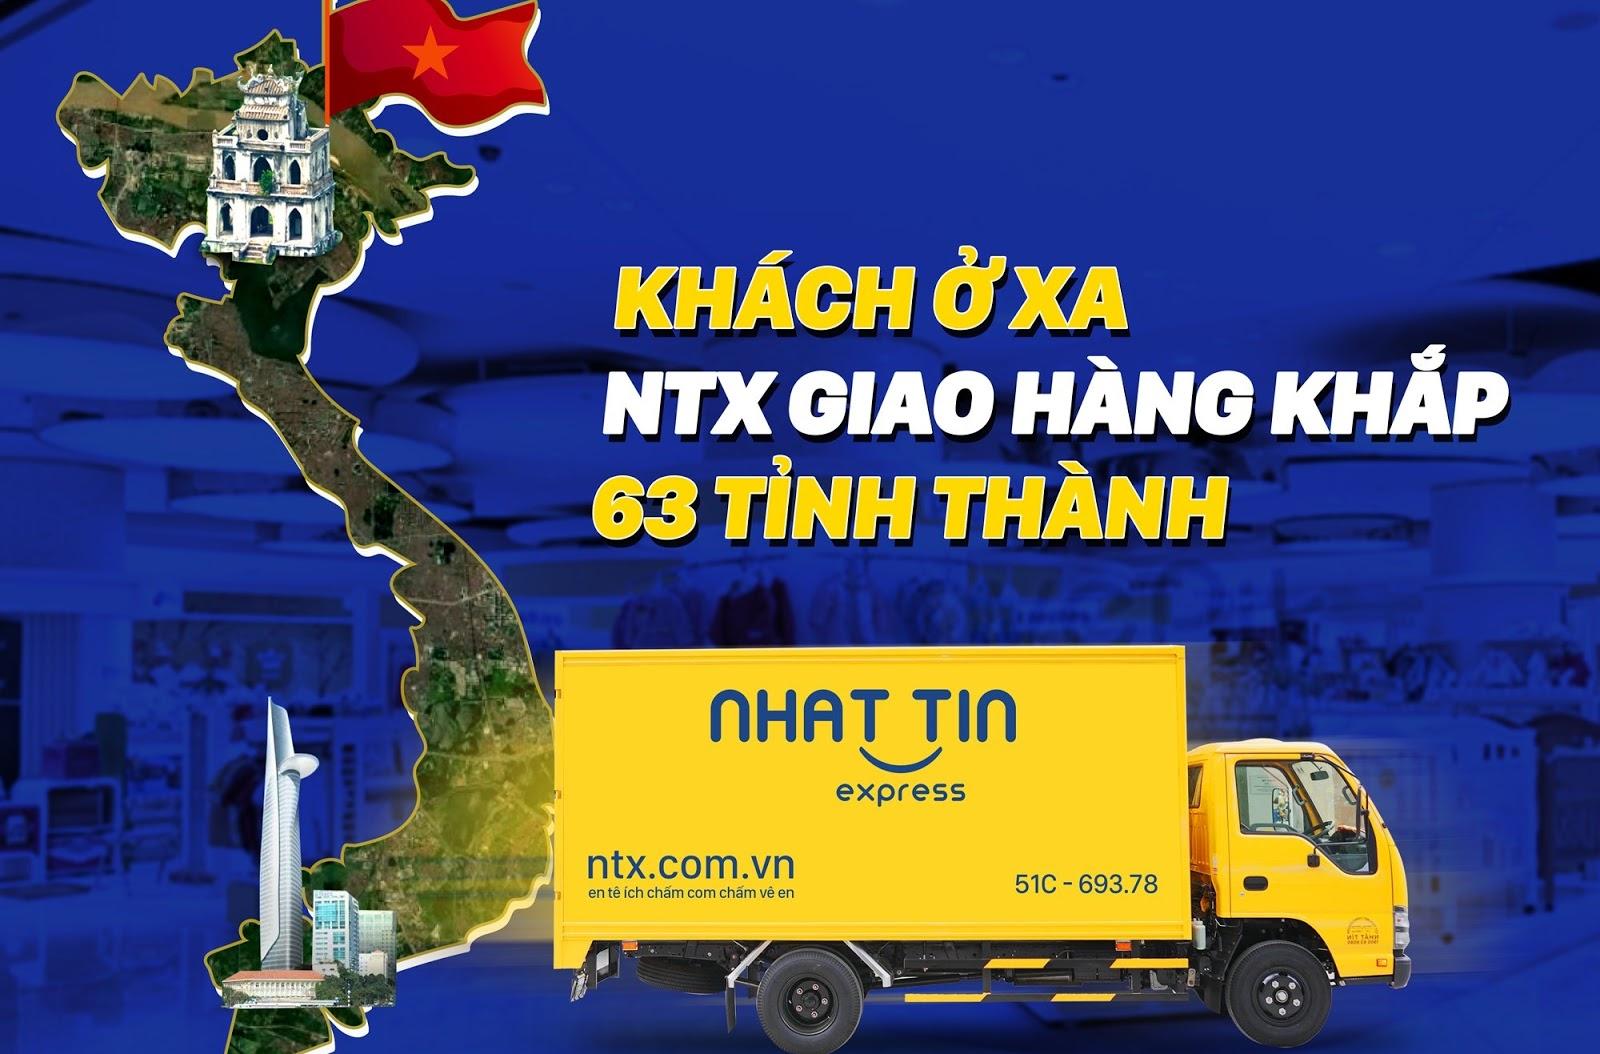 Đơn vị chuyển phát nhanh,giao hàng giá rẻ tại Hà Nội